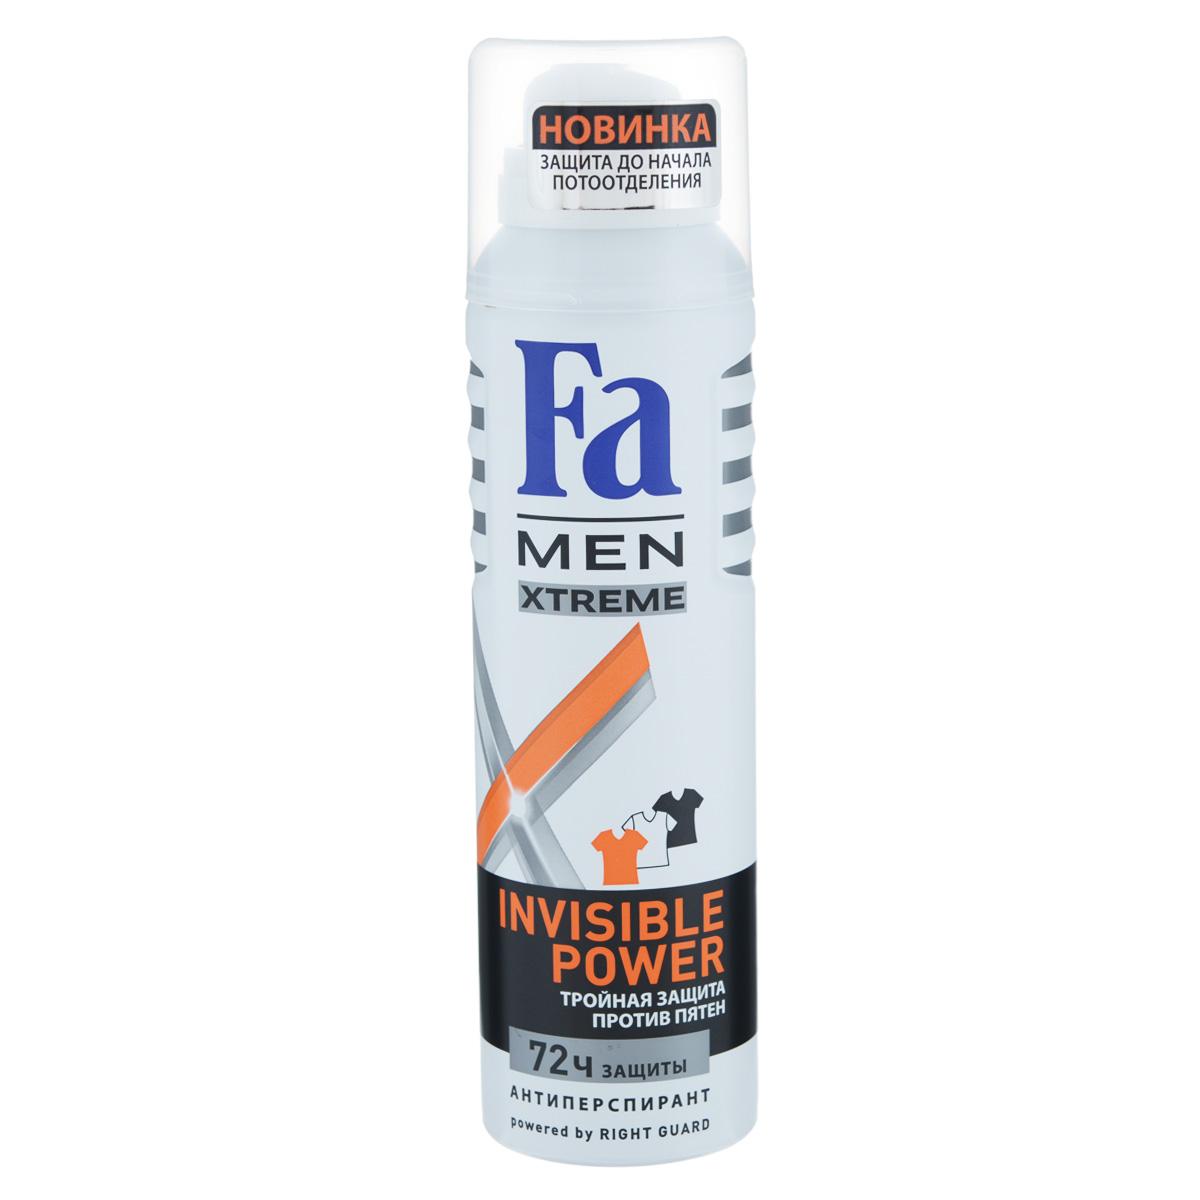 FA MEN Xtreme Дезодорант-аэрозоль Invisible, 150 мл12083659Fa Men Invisible Power – экстремальная защита от пота, запаха, а так же белых, желтых и масляных пятен на одежде. Инновационная формула с технологией Sweat Detect* борется с потом еще до его появления. - Научно доказано: 72ч защиты от пота и запаха - 0 % спирта. Хорошая переносимость кожей подтверждена дерматологами. Также почувствуйте притягательную свежесть, принимая душ с гелем для душа Fa Men Xtreme.